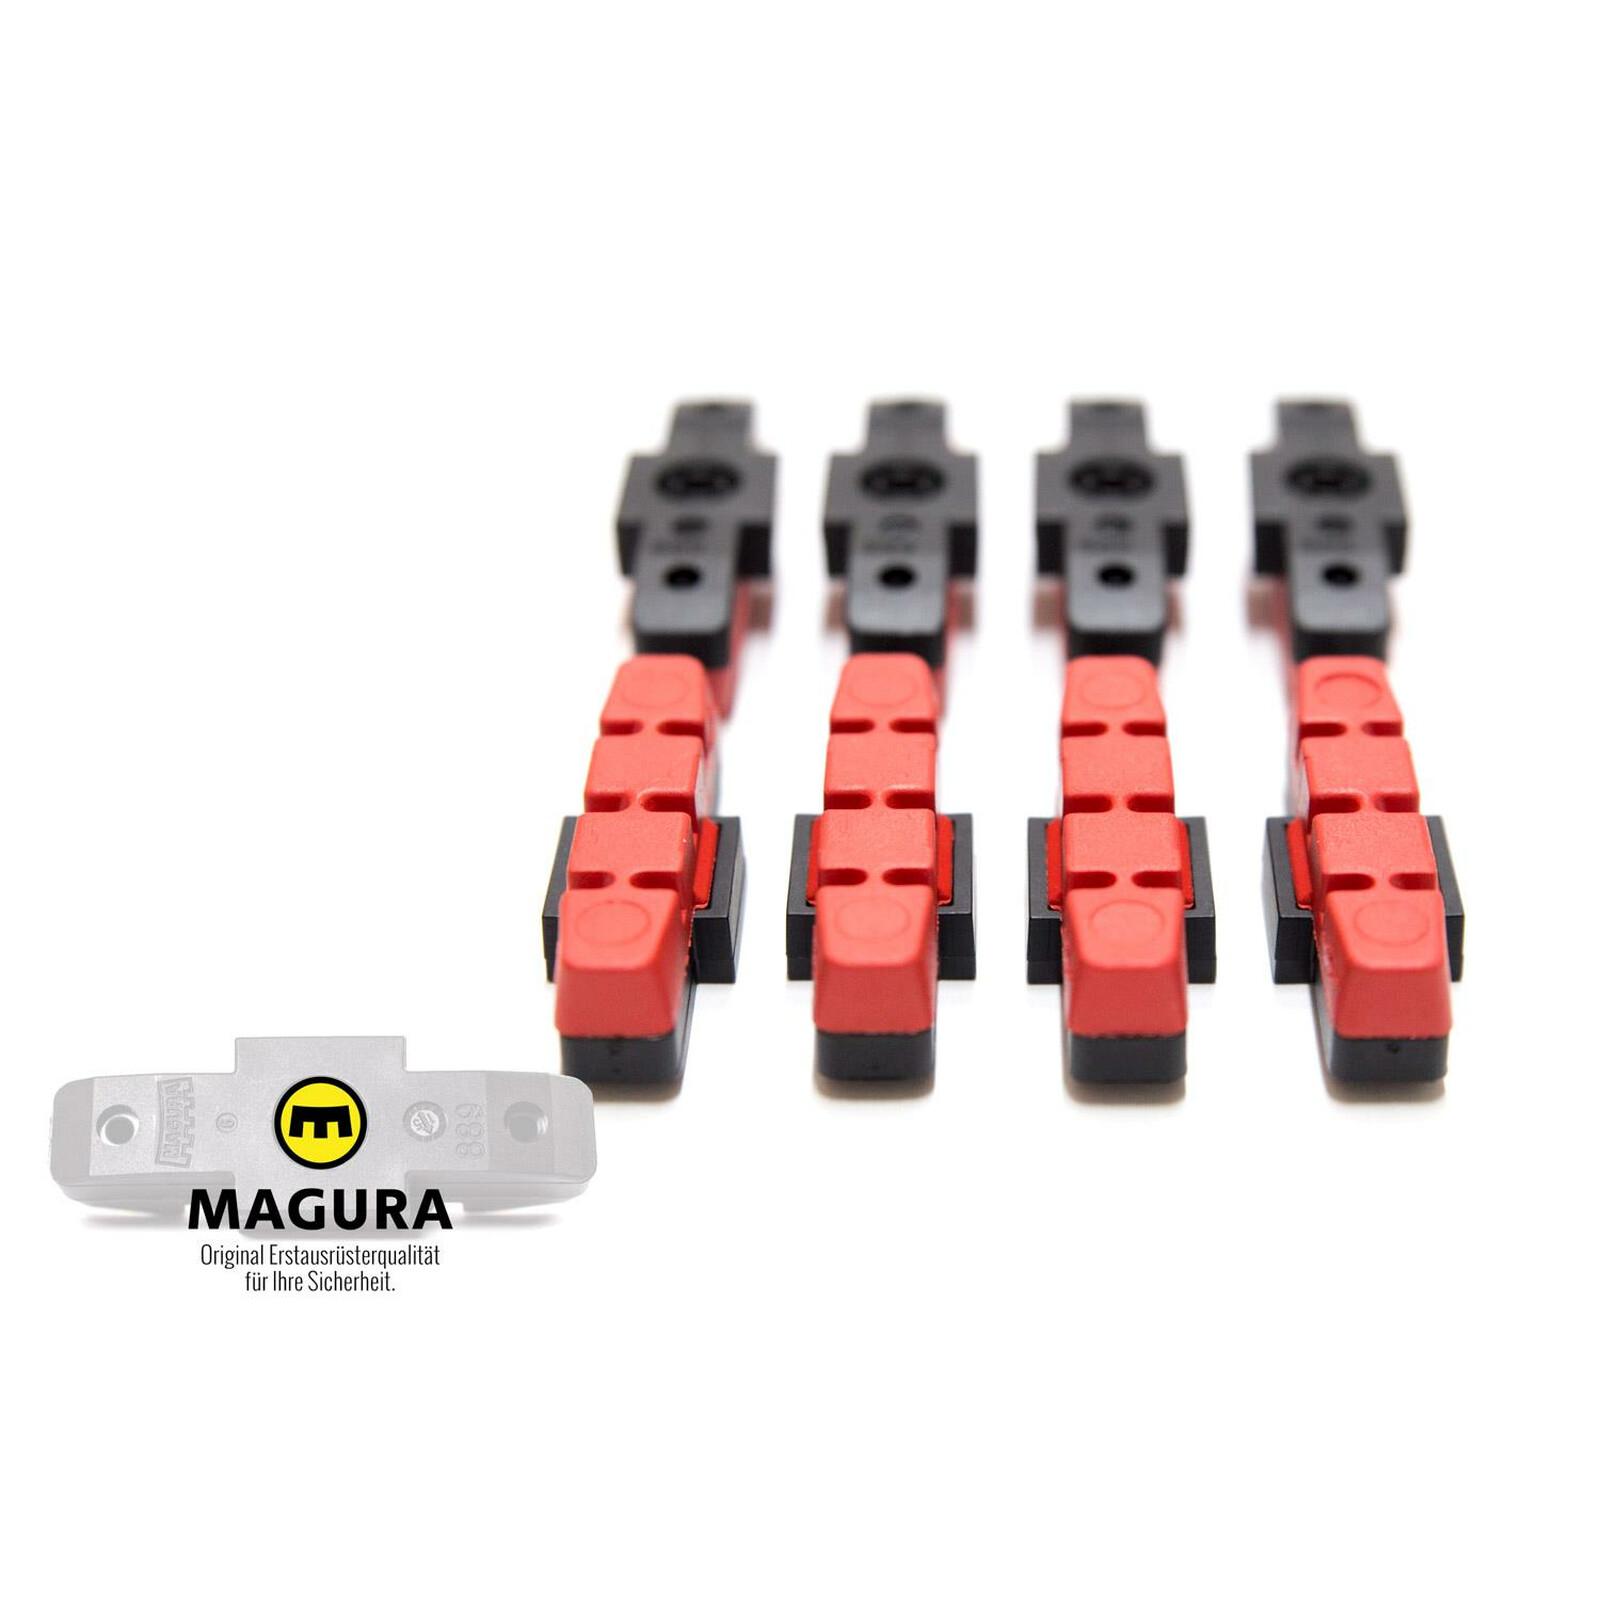 1 Paar MAGURA Original Bremsbelag hydraulische Felgenbremse HS11 22 24 33 66 rot